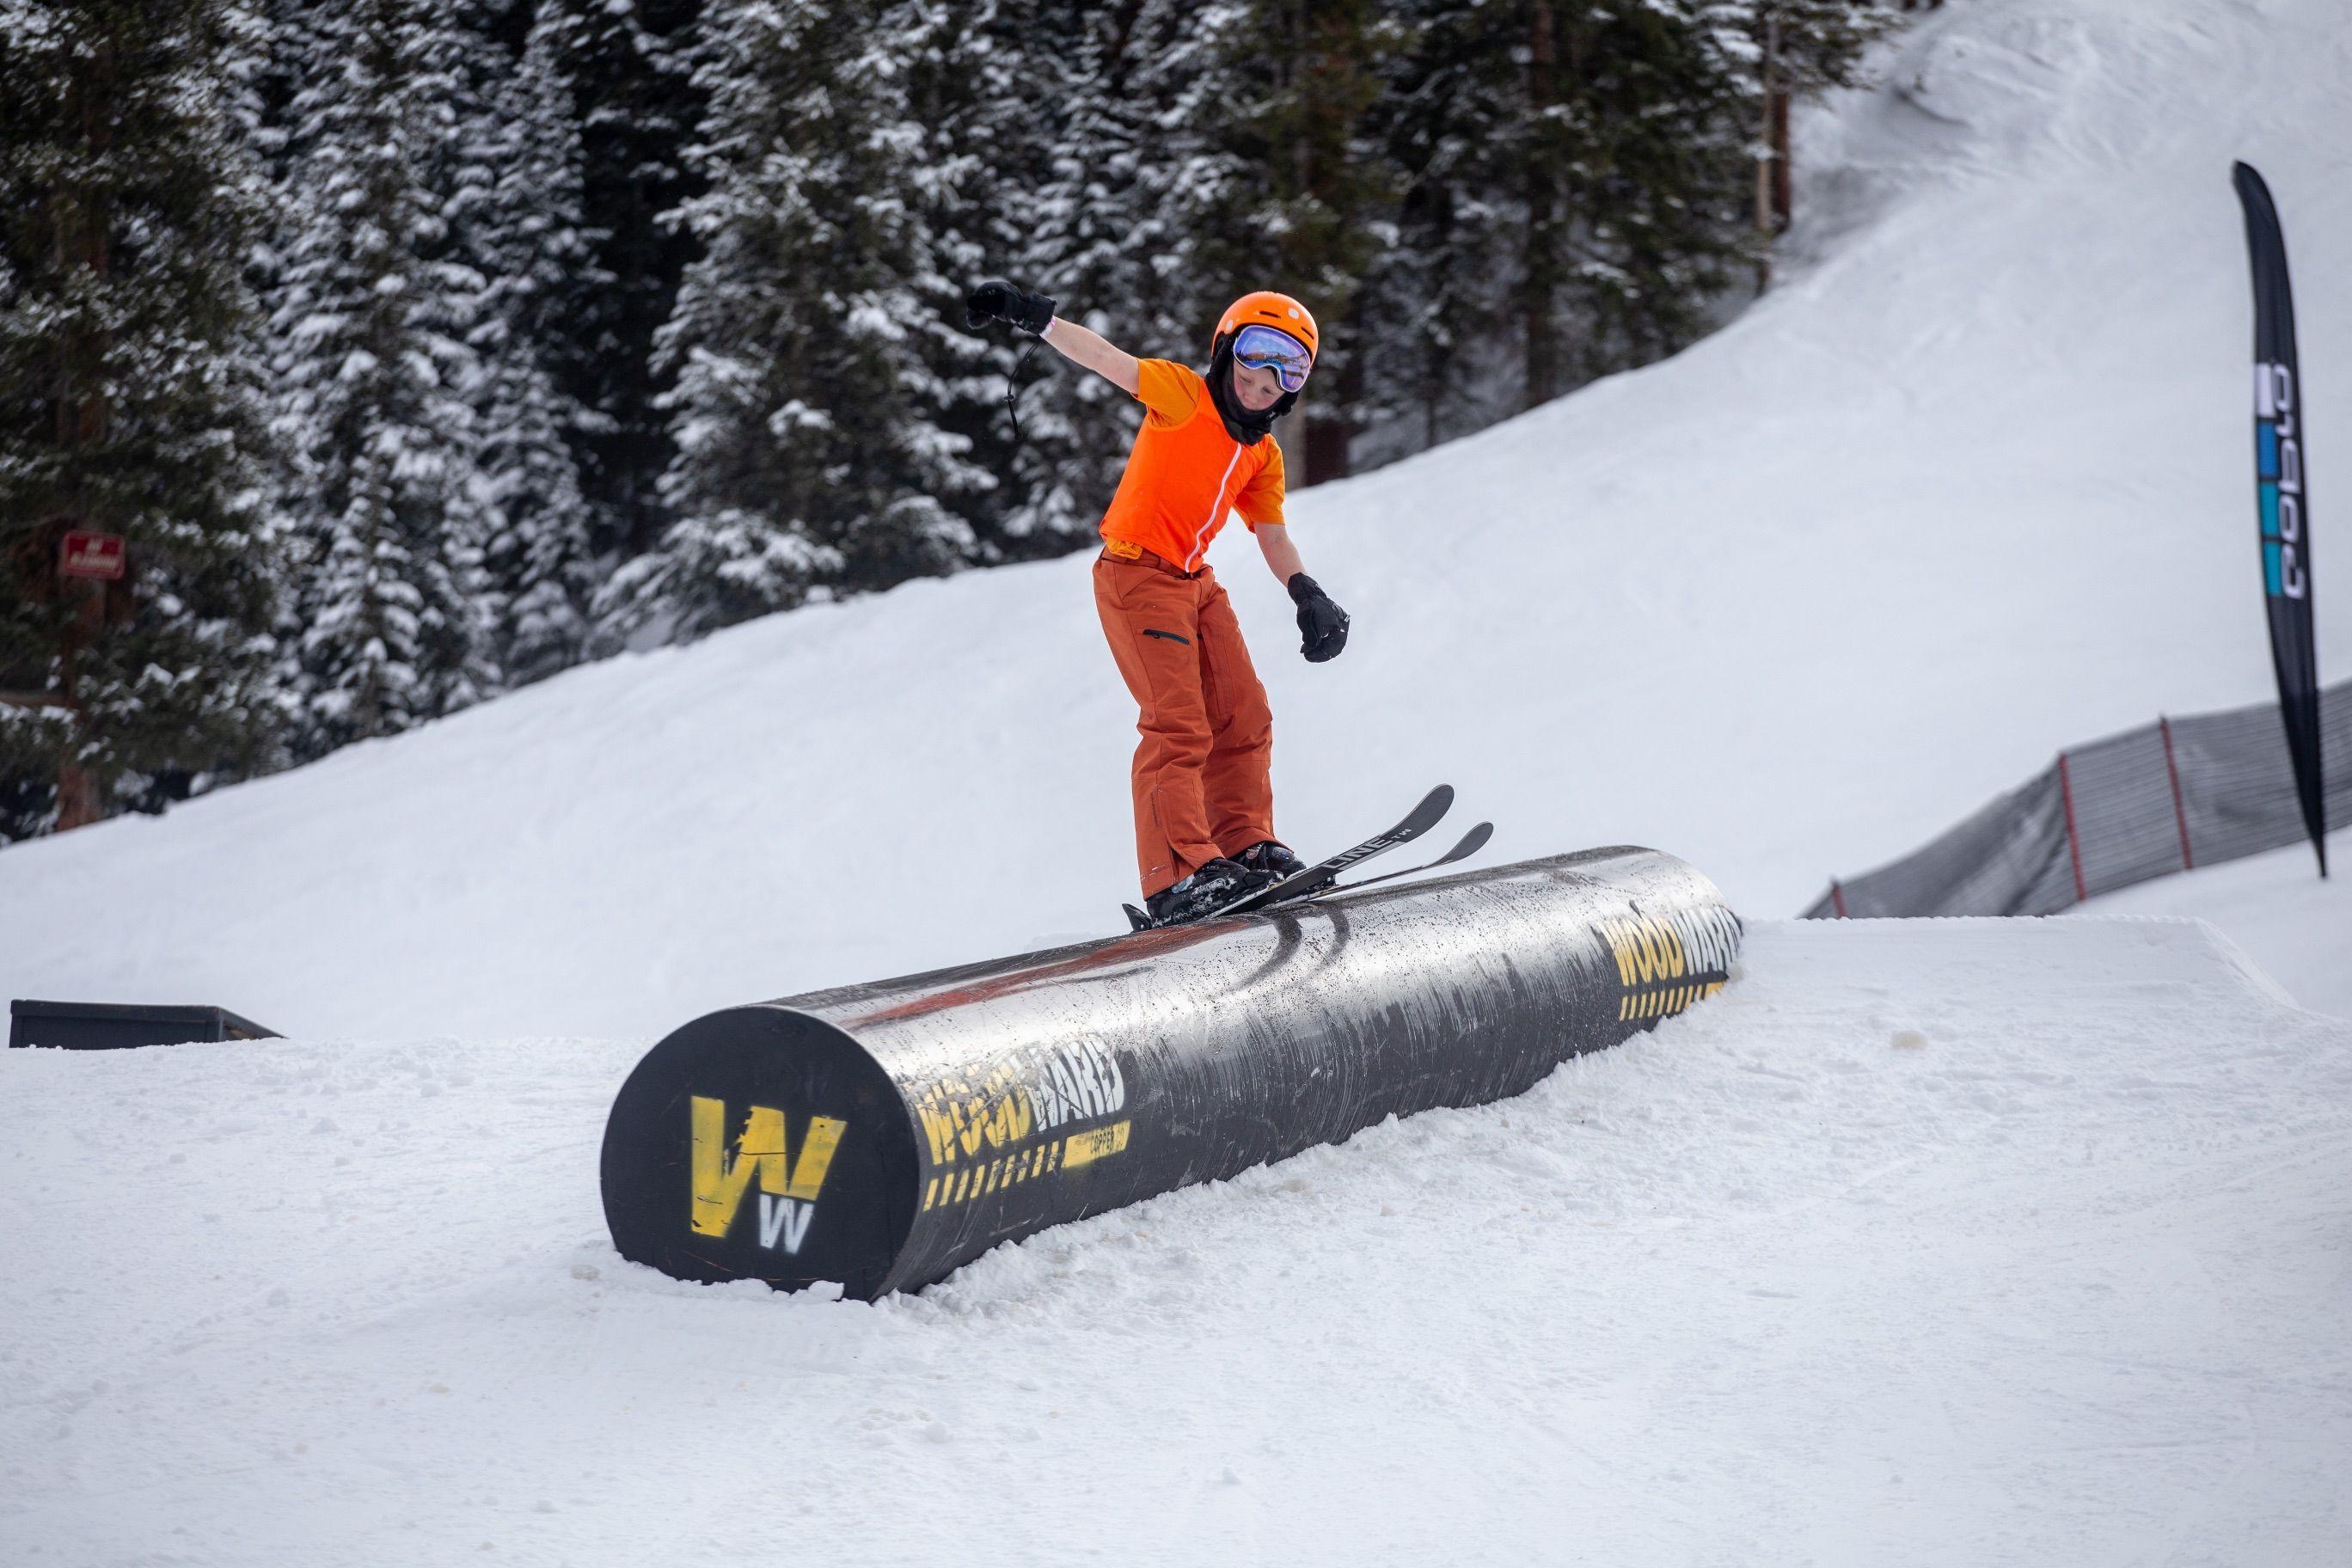 Pin By Swain Resort On Skiing At Swain Skiing Resort Pics